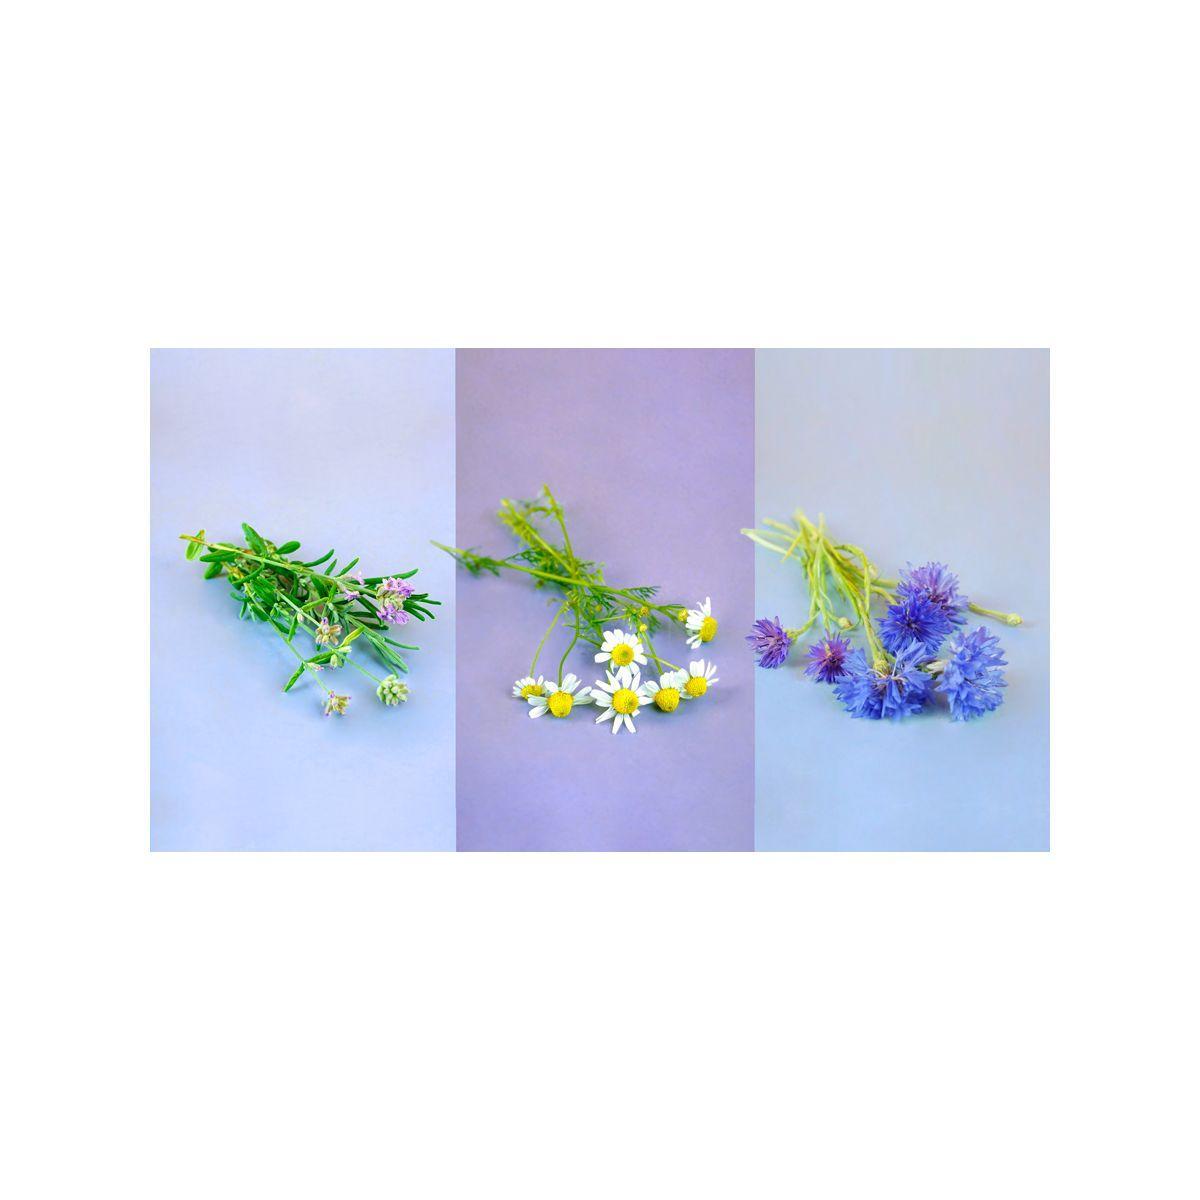 Recharge pret a pousser trio fleurs - camomille lavande bleuet - 5% de remise imm�diate avec le code : priv5 (photo)